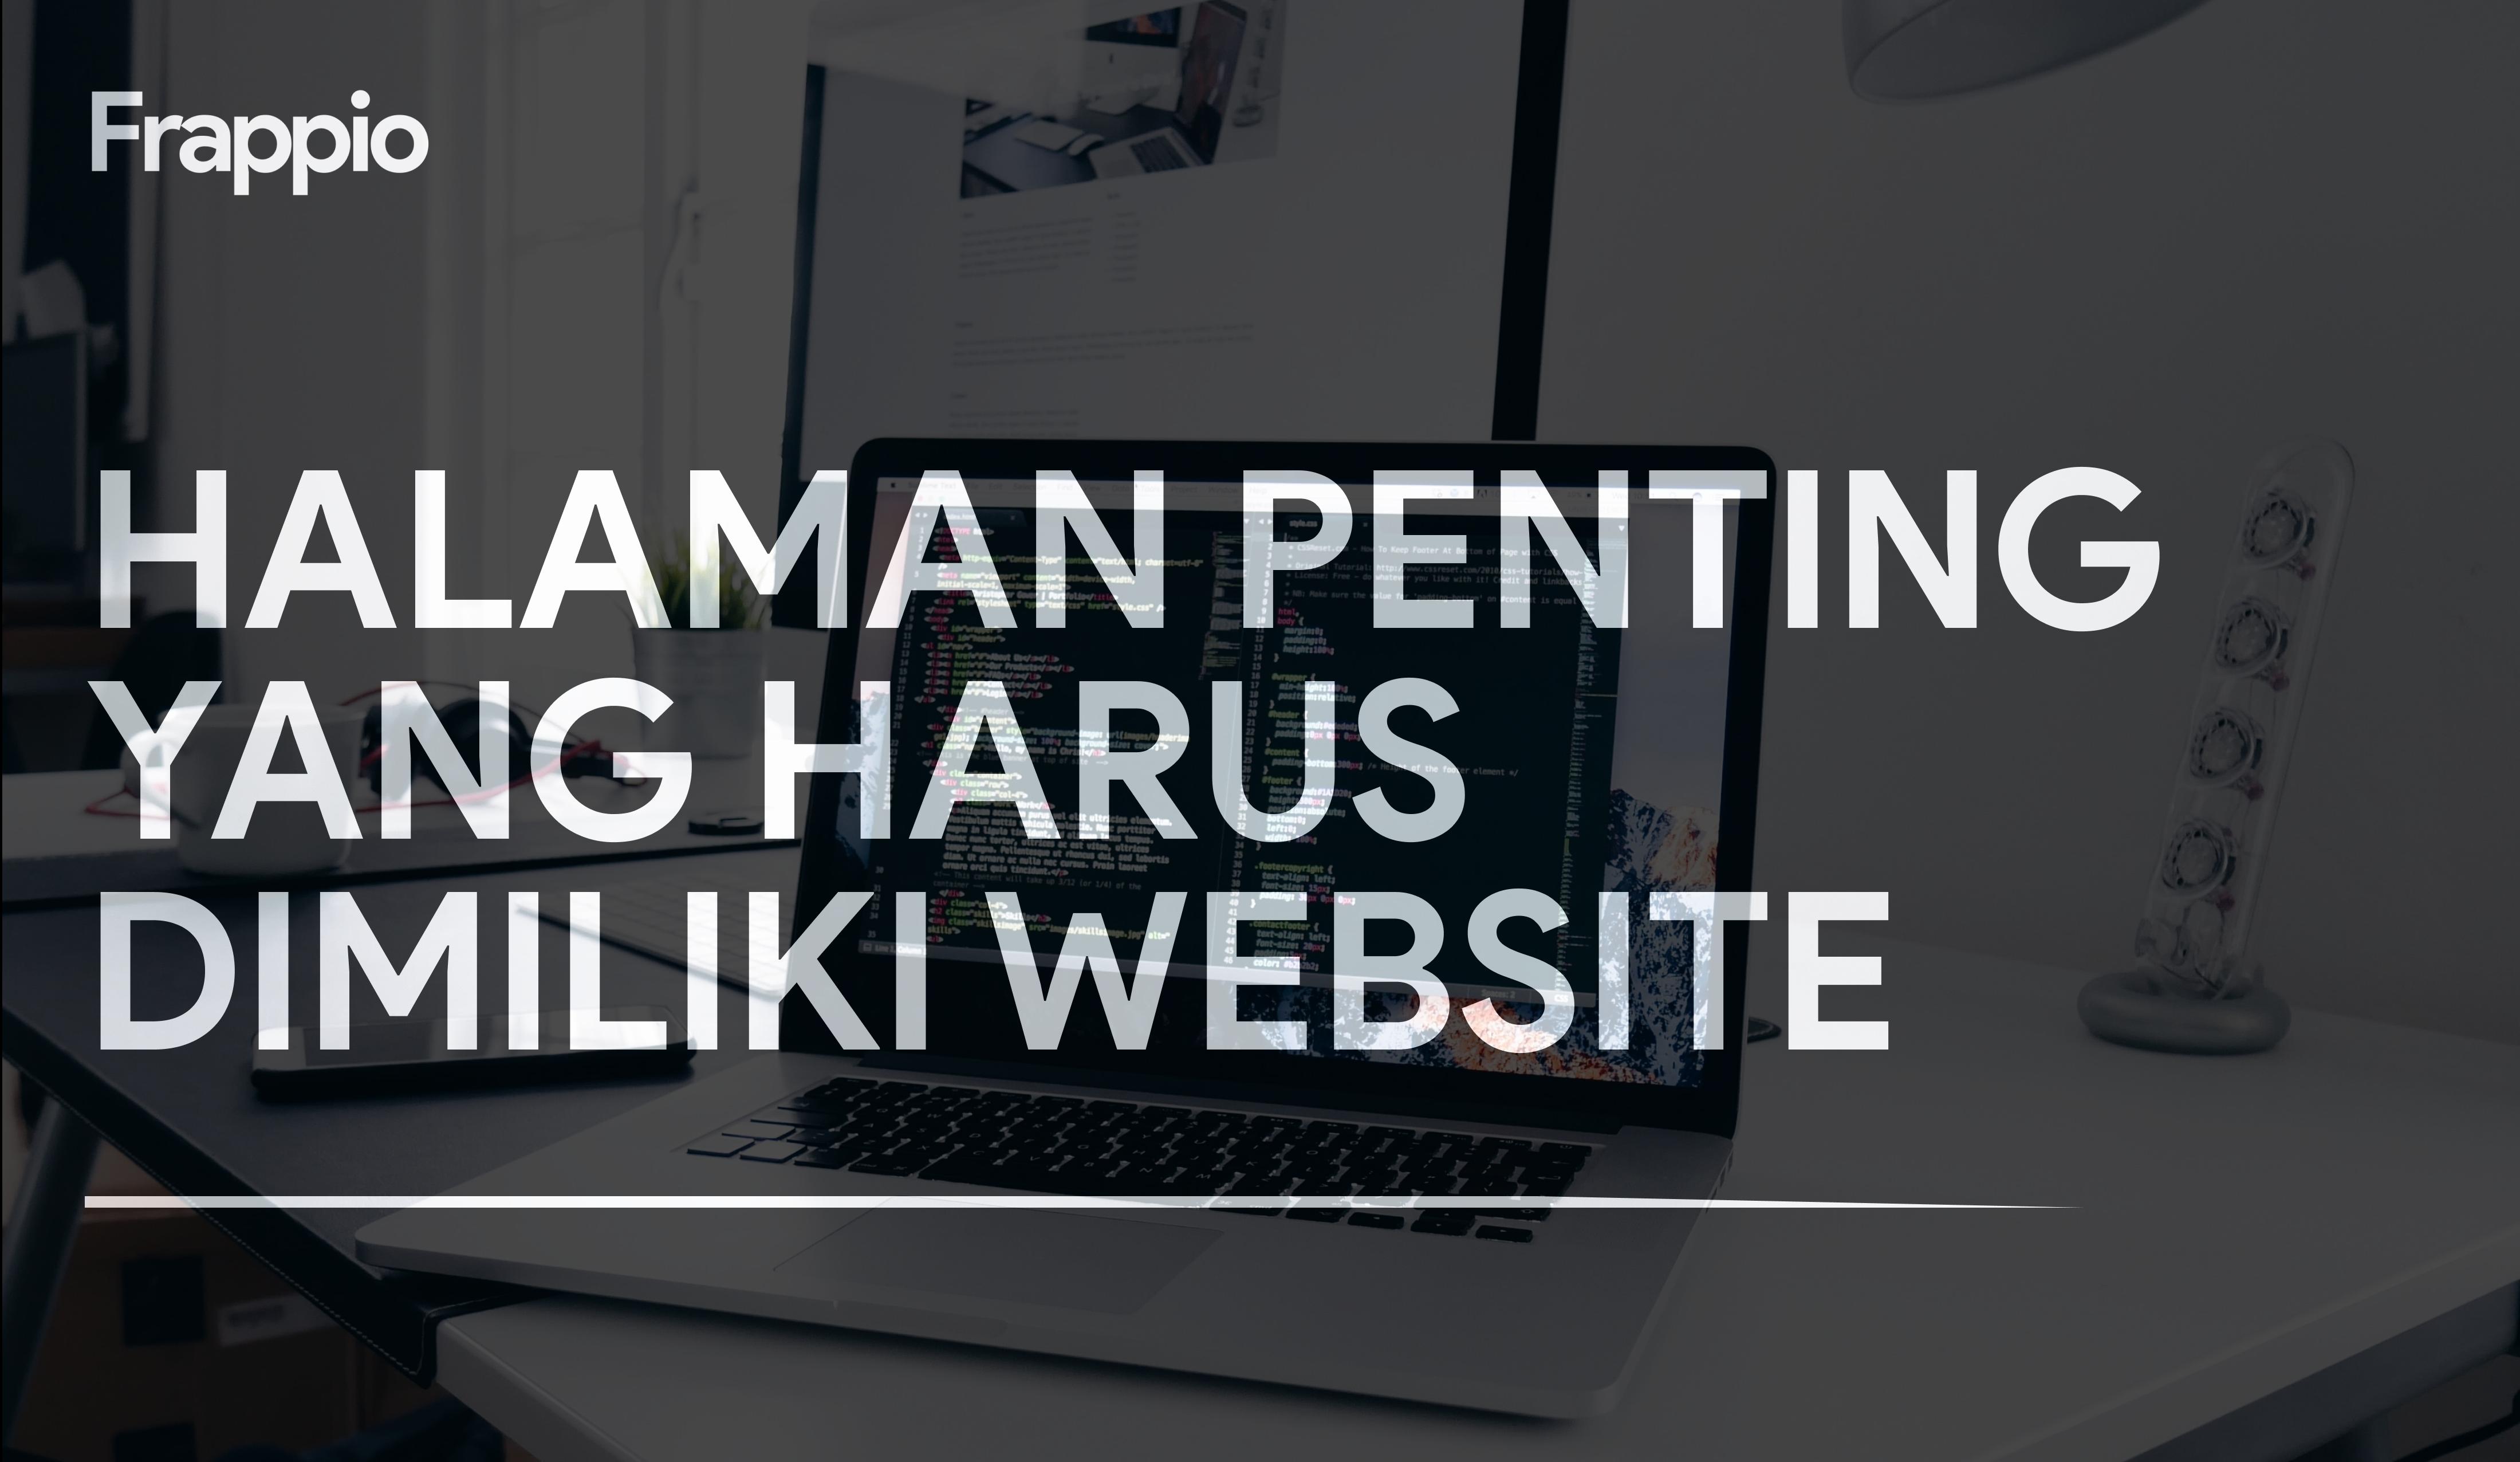 Halaman Penting Yang Harus Dimiliki Website